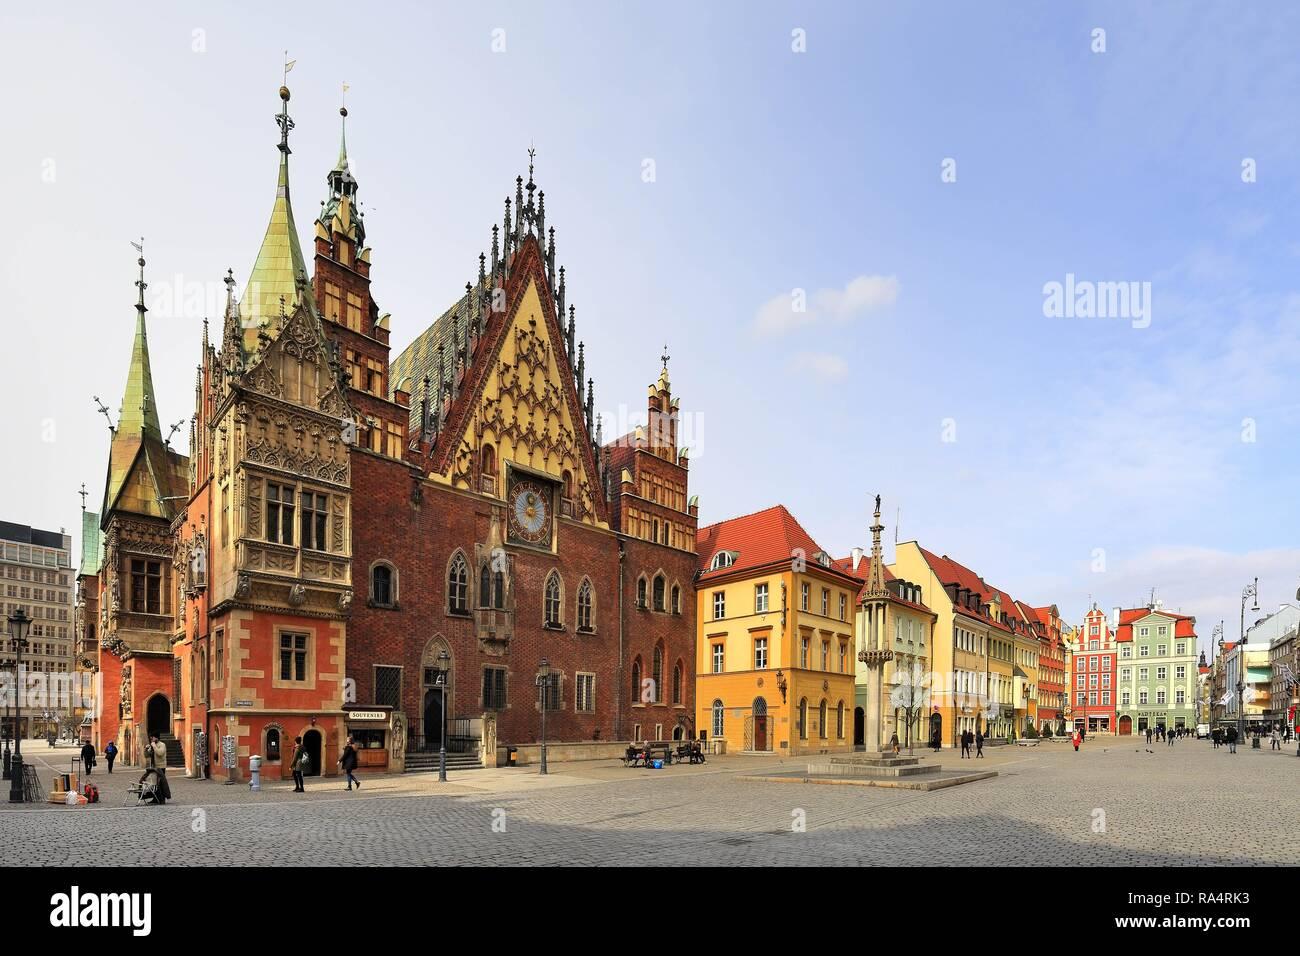 Polska - Slask - Wroclaw - Stare Miasto - Rynek i Ratusz - historyczna dzielnica Wroclawia Poland - Silesia - Wroclaw - old town and market square with city hall in historic quarter of Wroclaw - Stock Image